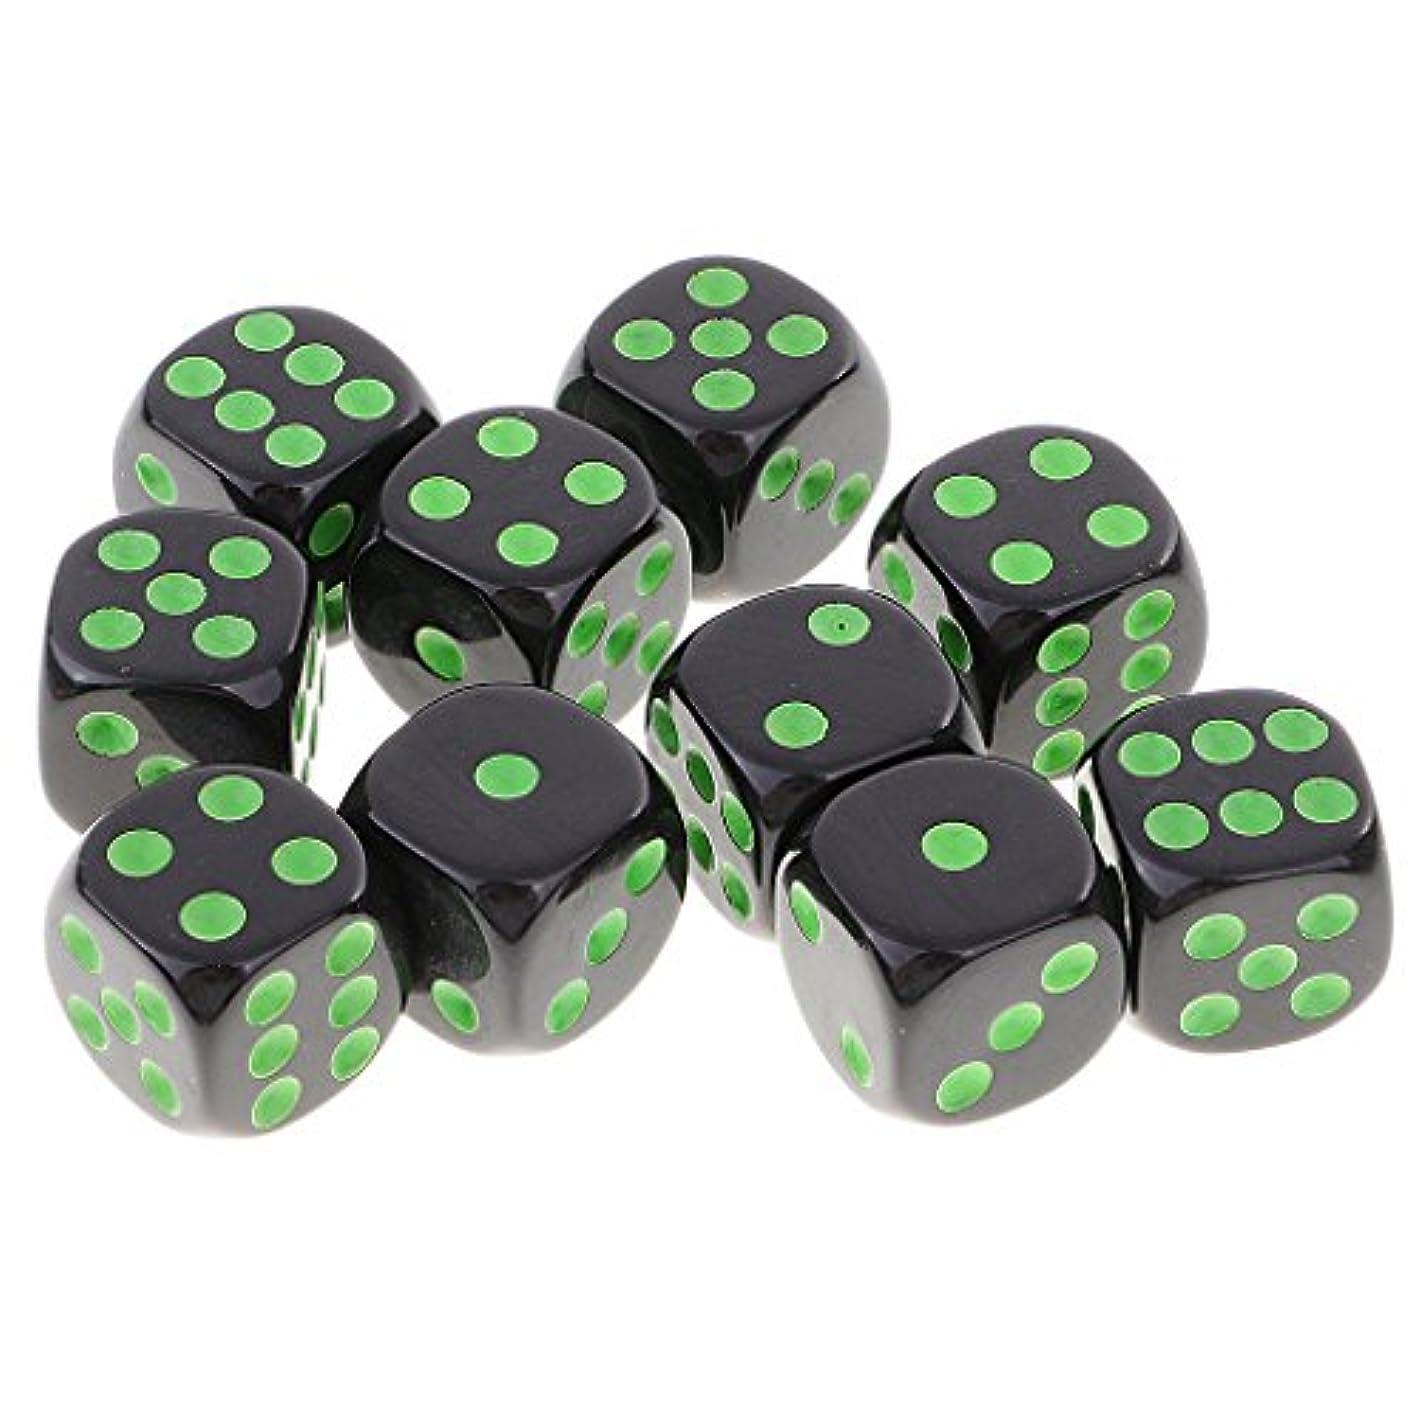 姿勢学校カテゴリー全3色 10個 D6ダイス 6面サイコロ セット デジタルダイス  - グリーンブラック